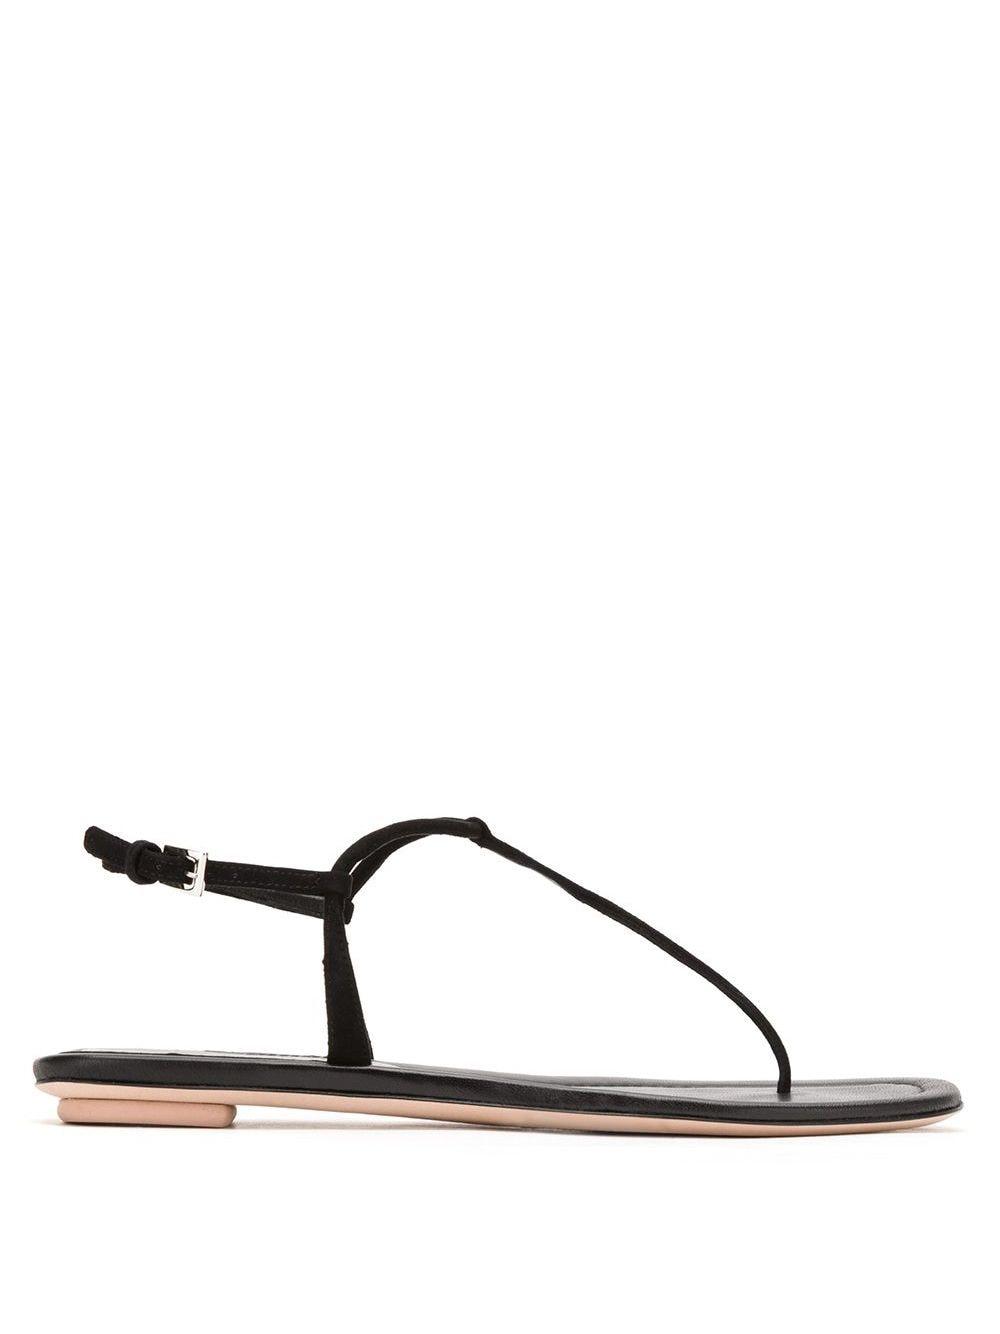 Prada Sandalen mit Zehensteg - Schwarz